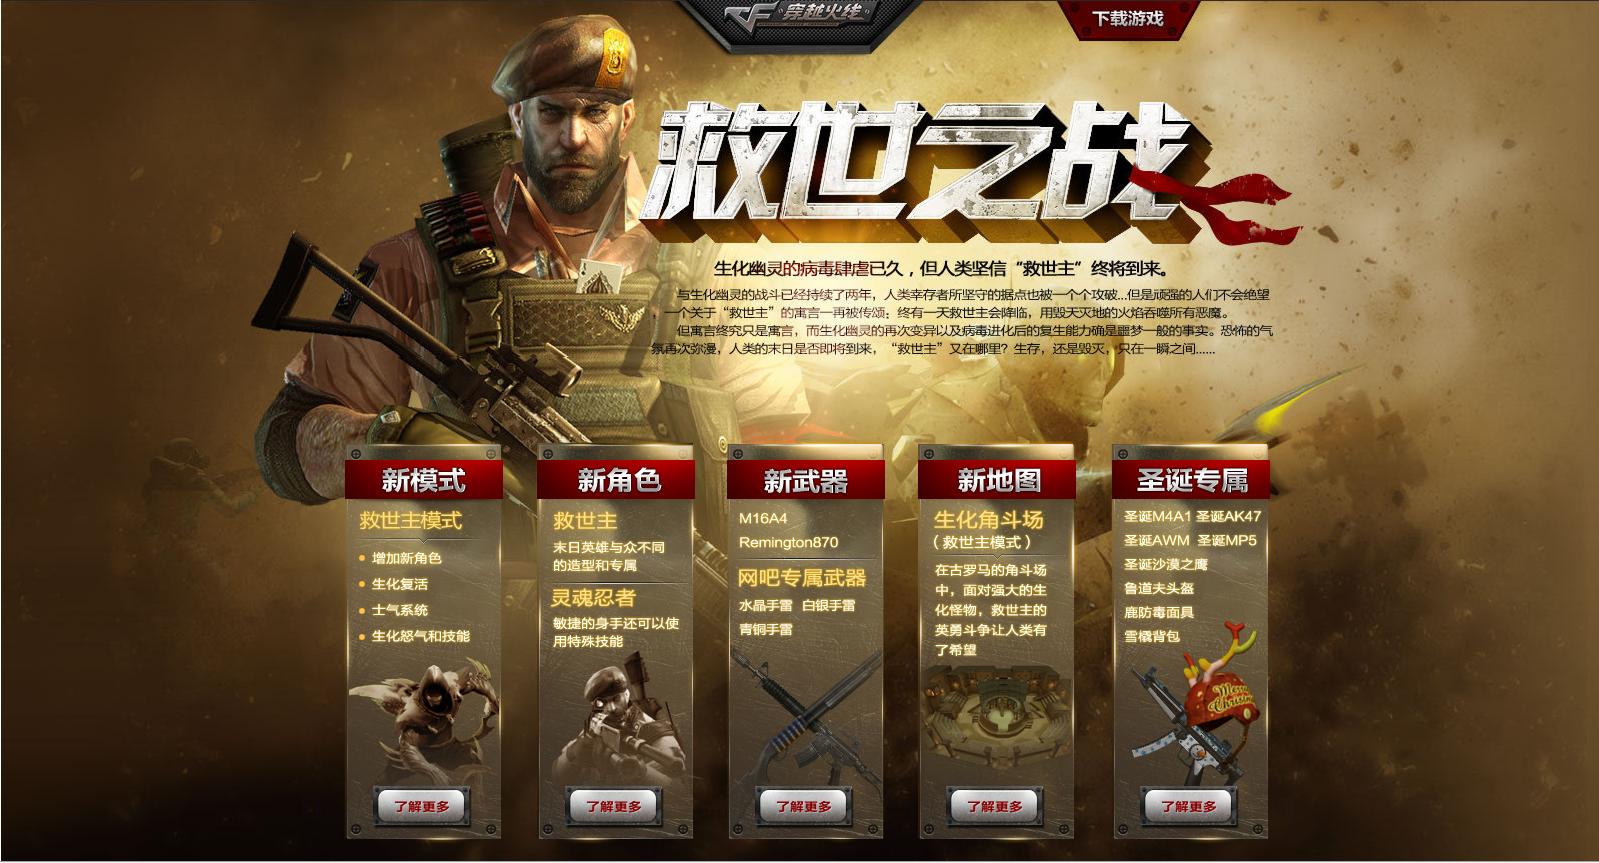 911ss主站新网址_穿越火线救世主新版本_17173穿越火线CF专区::17173.com::中国游戏第 ...